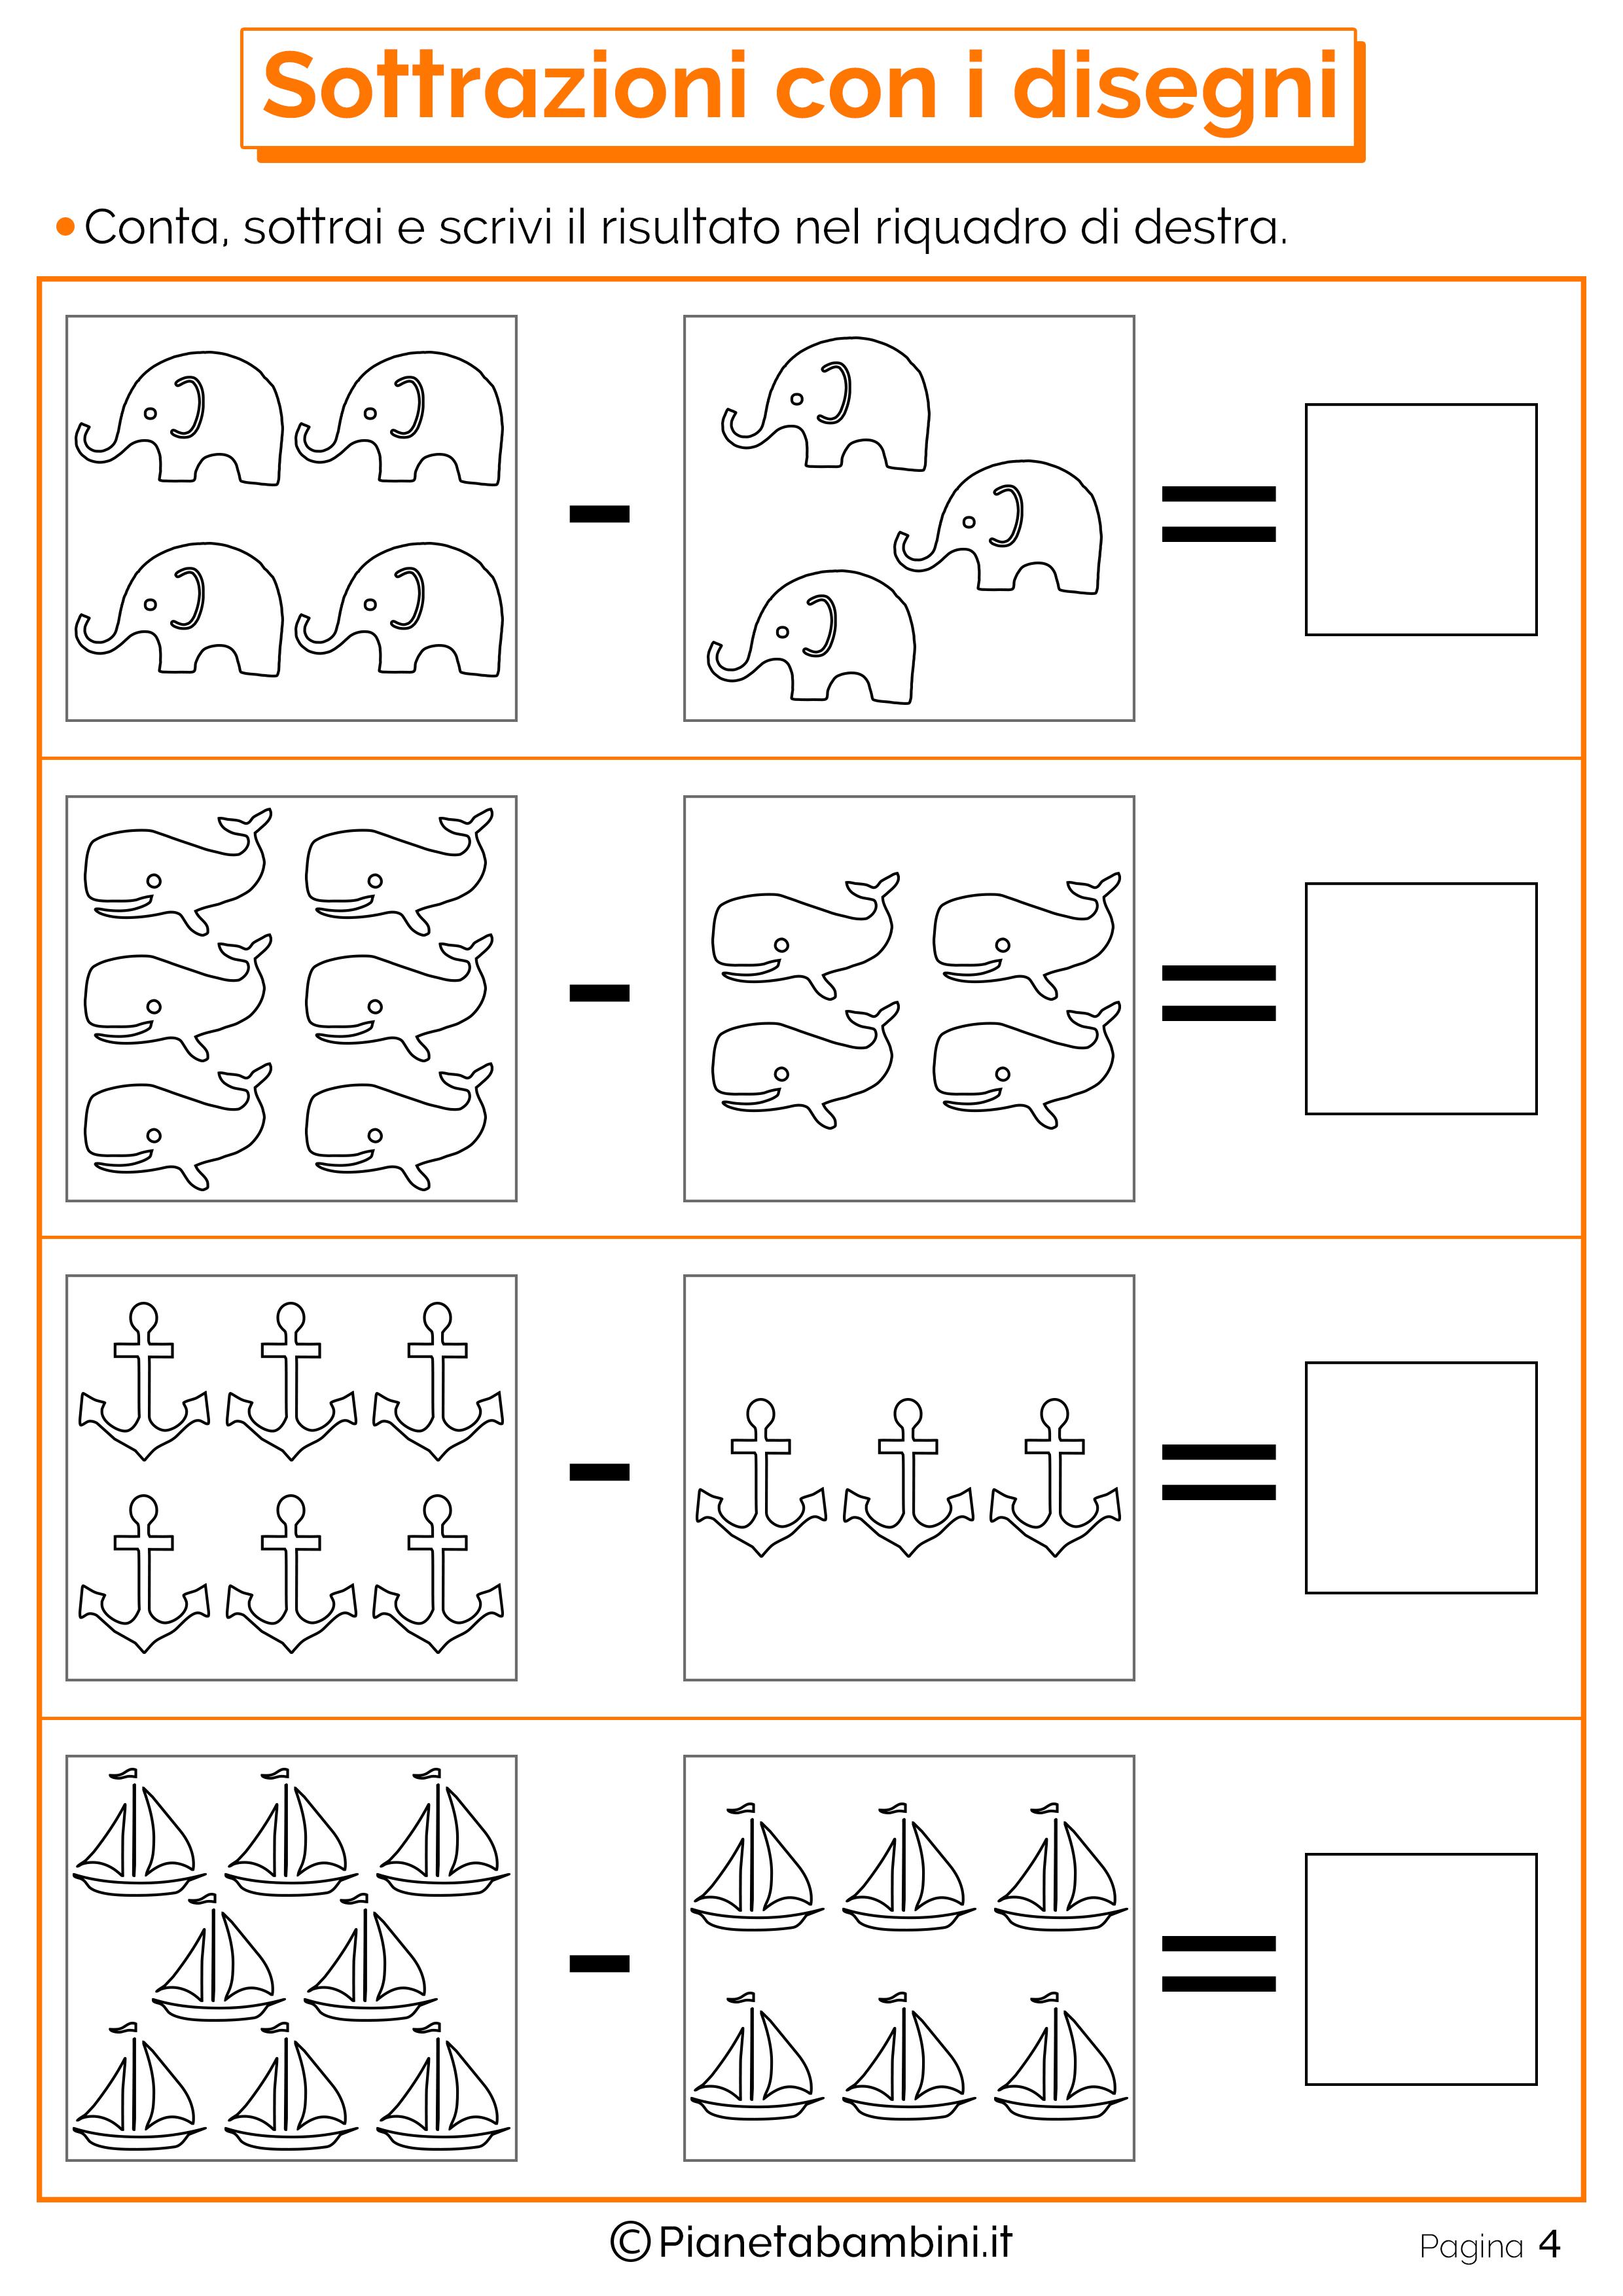 Sottrazioni-Disegni_4